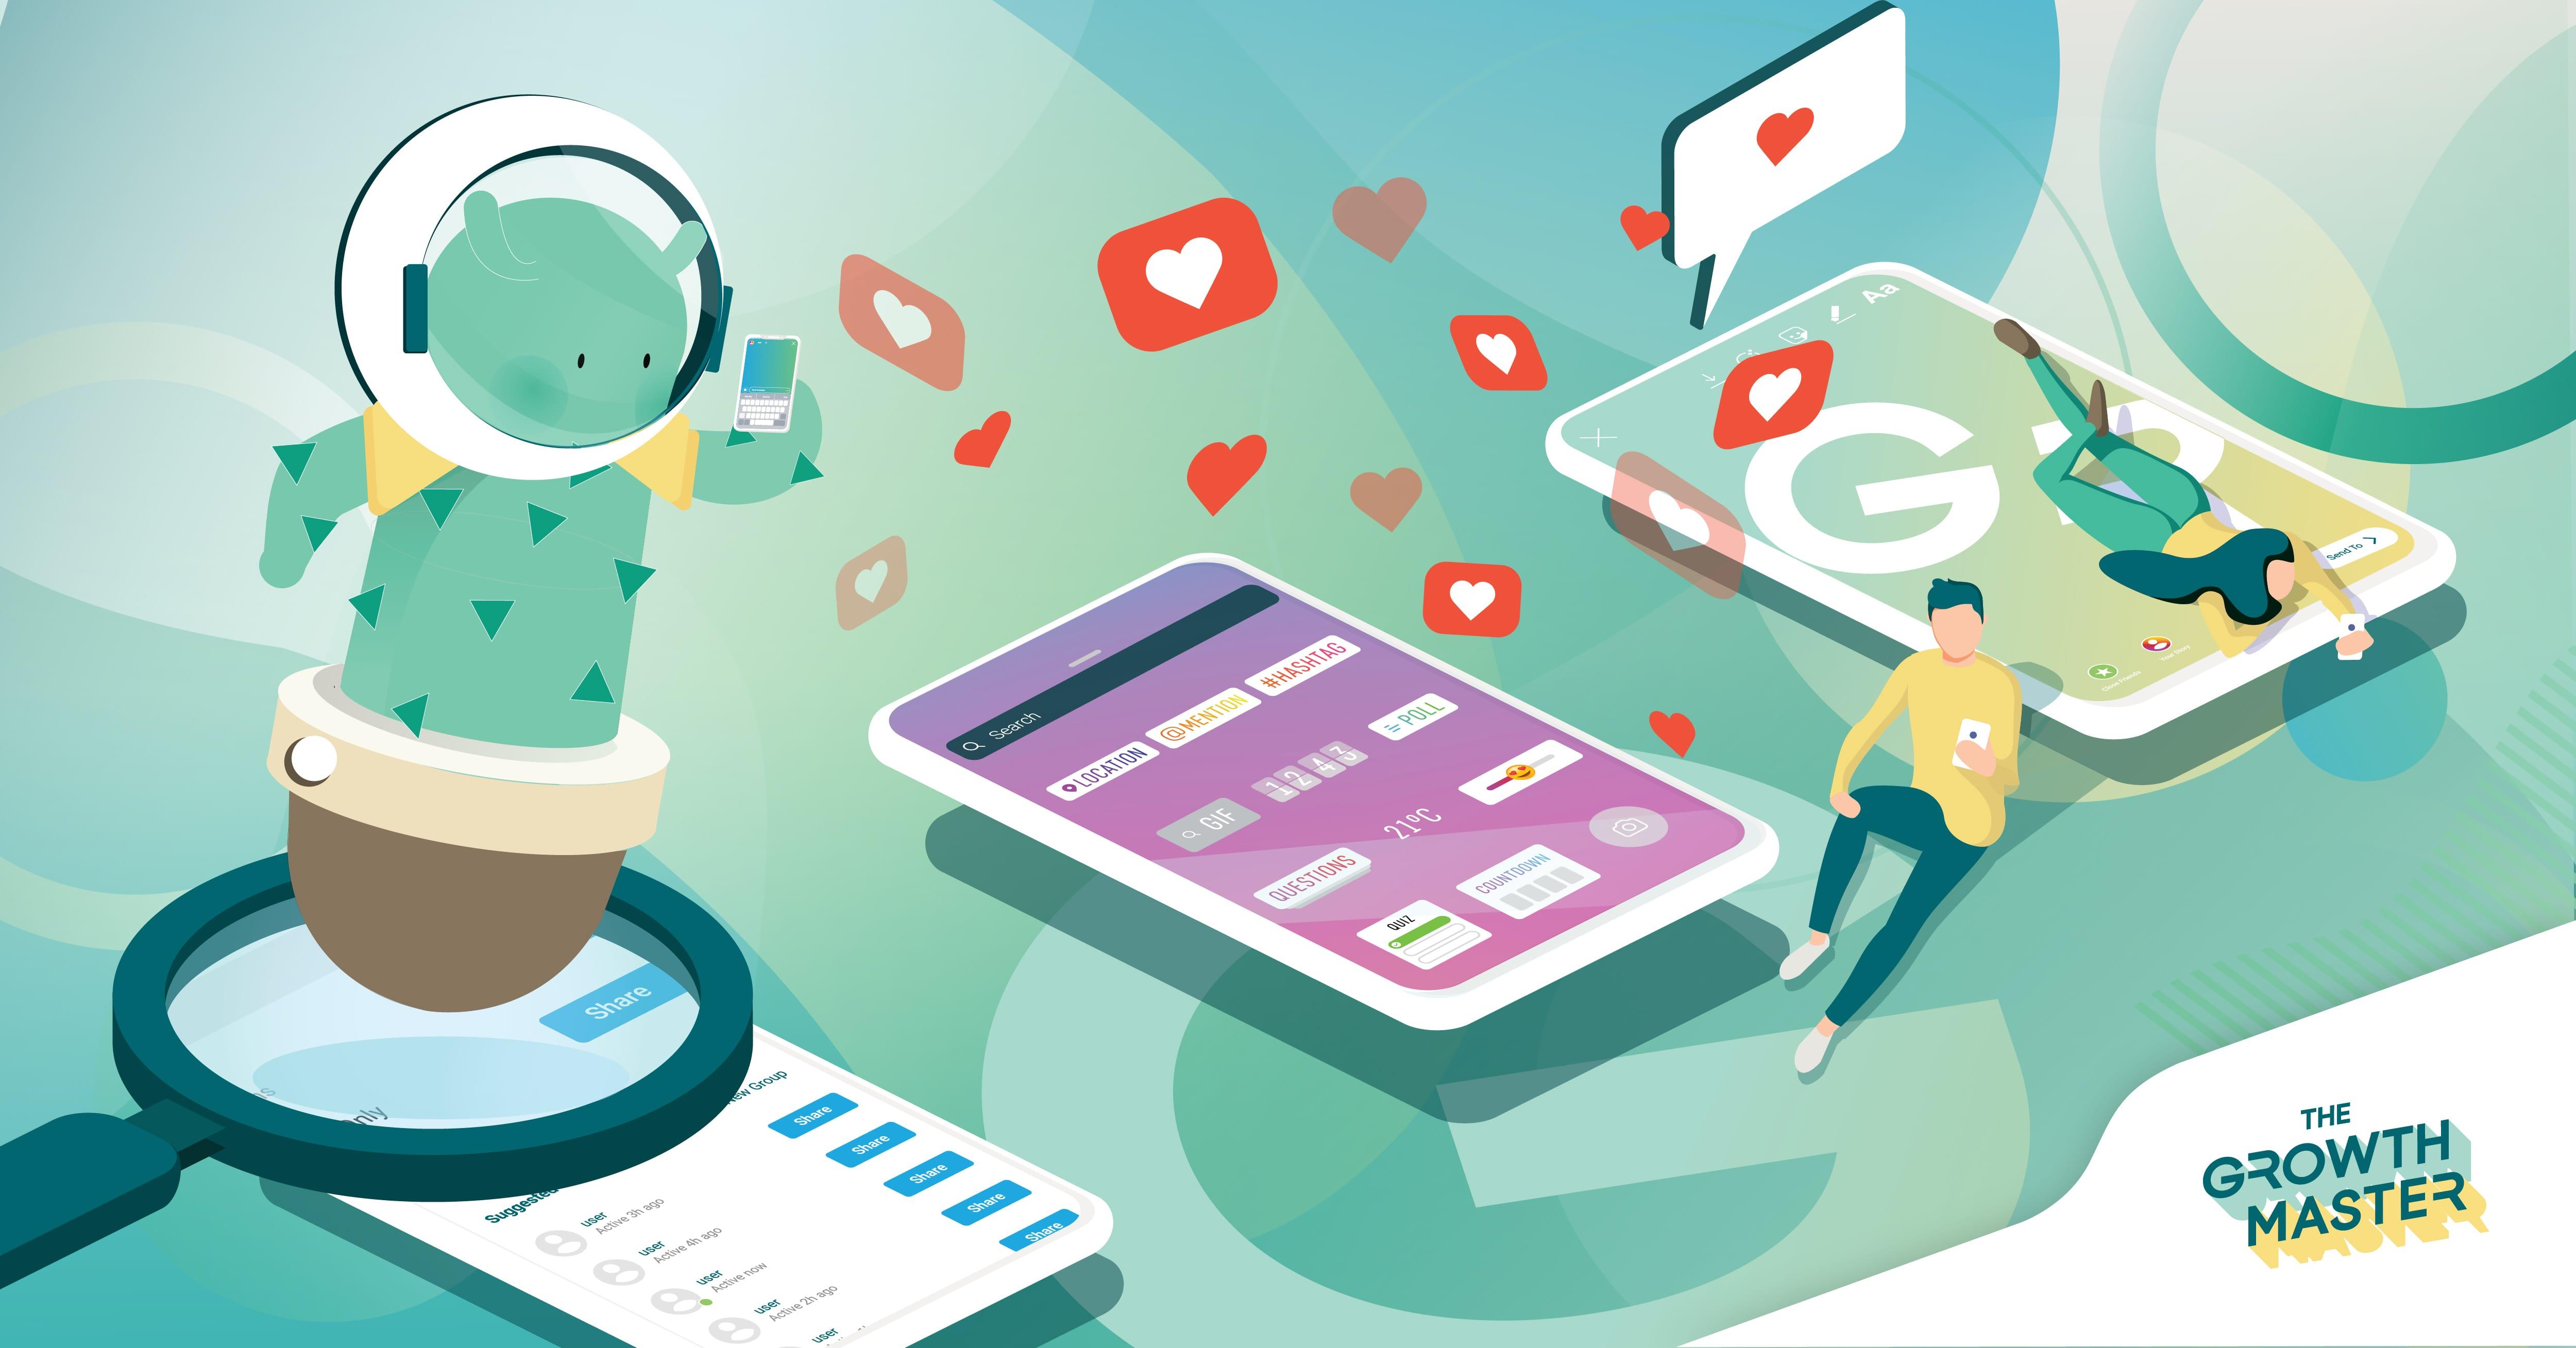 5 เทคนิคทำ Market Research โดยใช้ Instagram Stories  เพื่อสร้างการเติบโตให้กับธุรกิจ